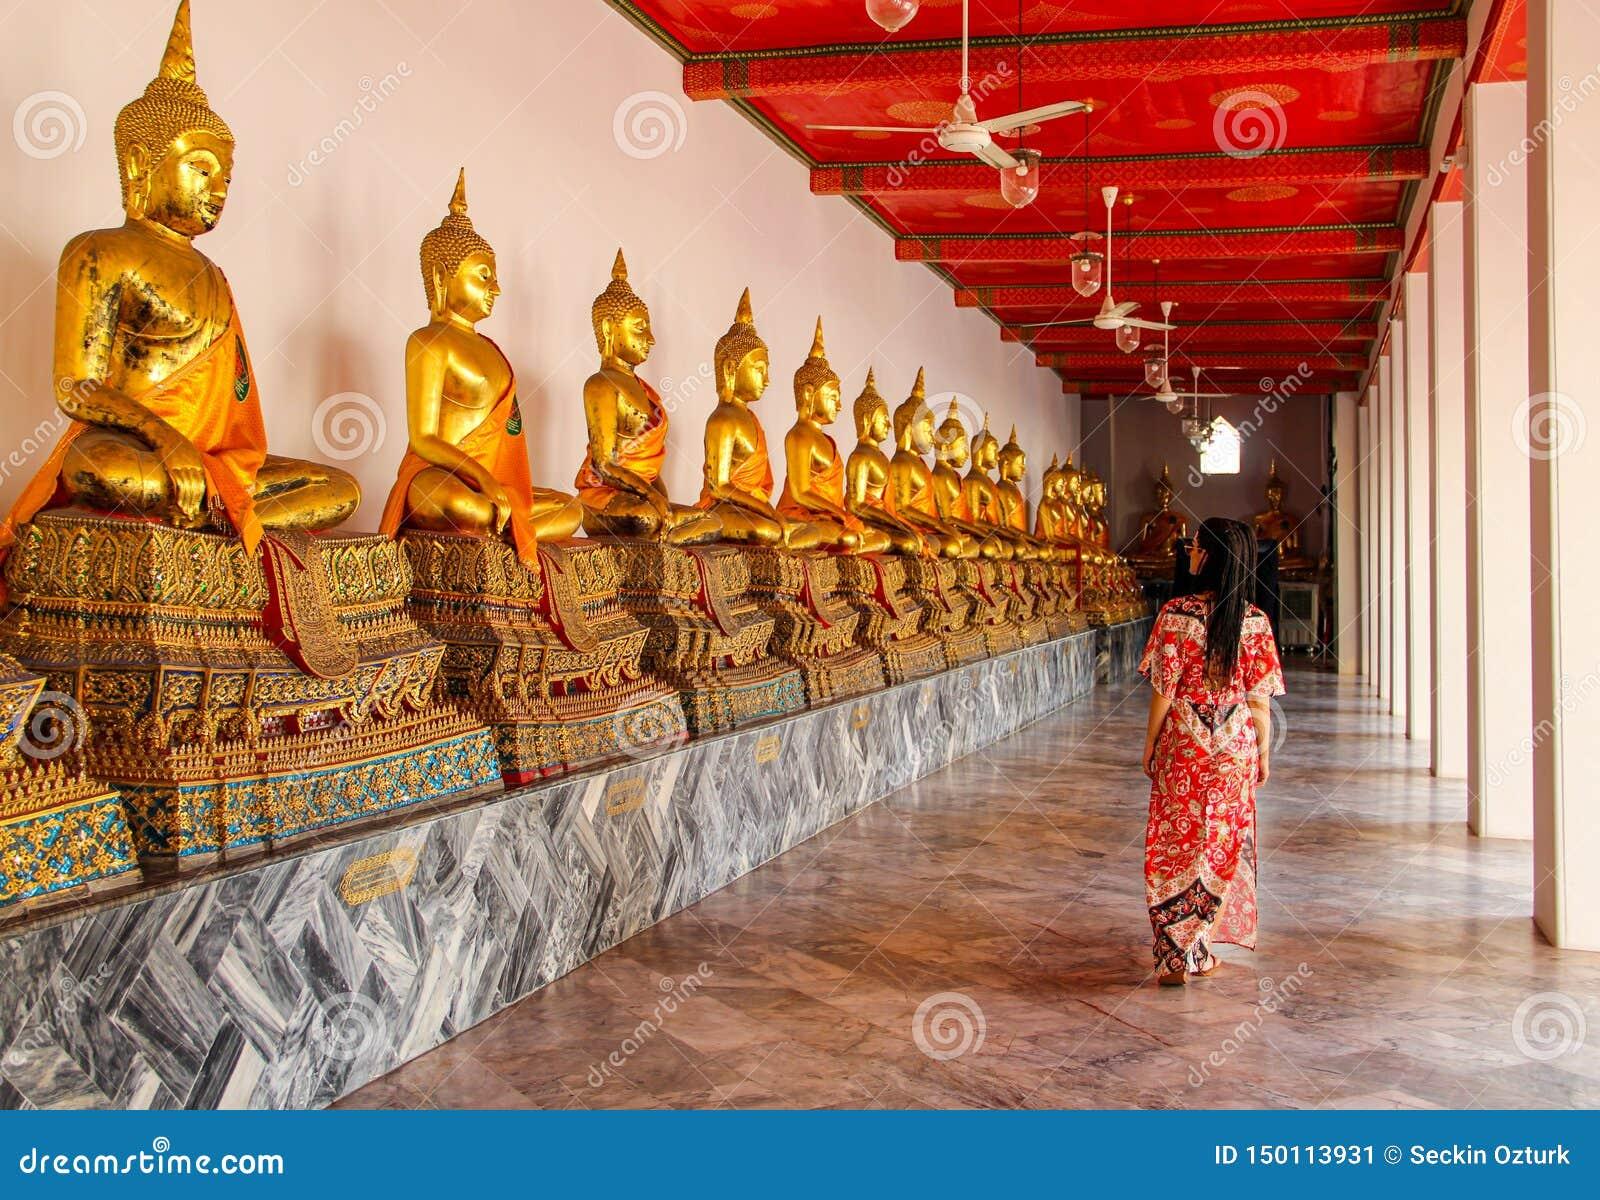 Buddhistische Statuen im buddhistischen Tempel in Bangkok